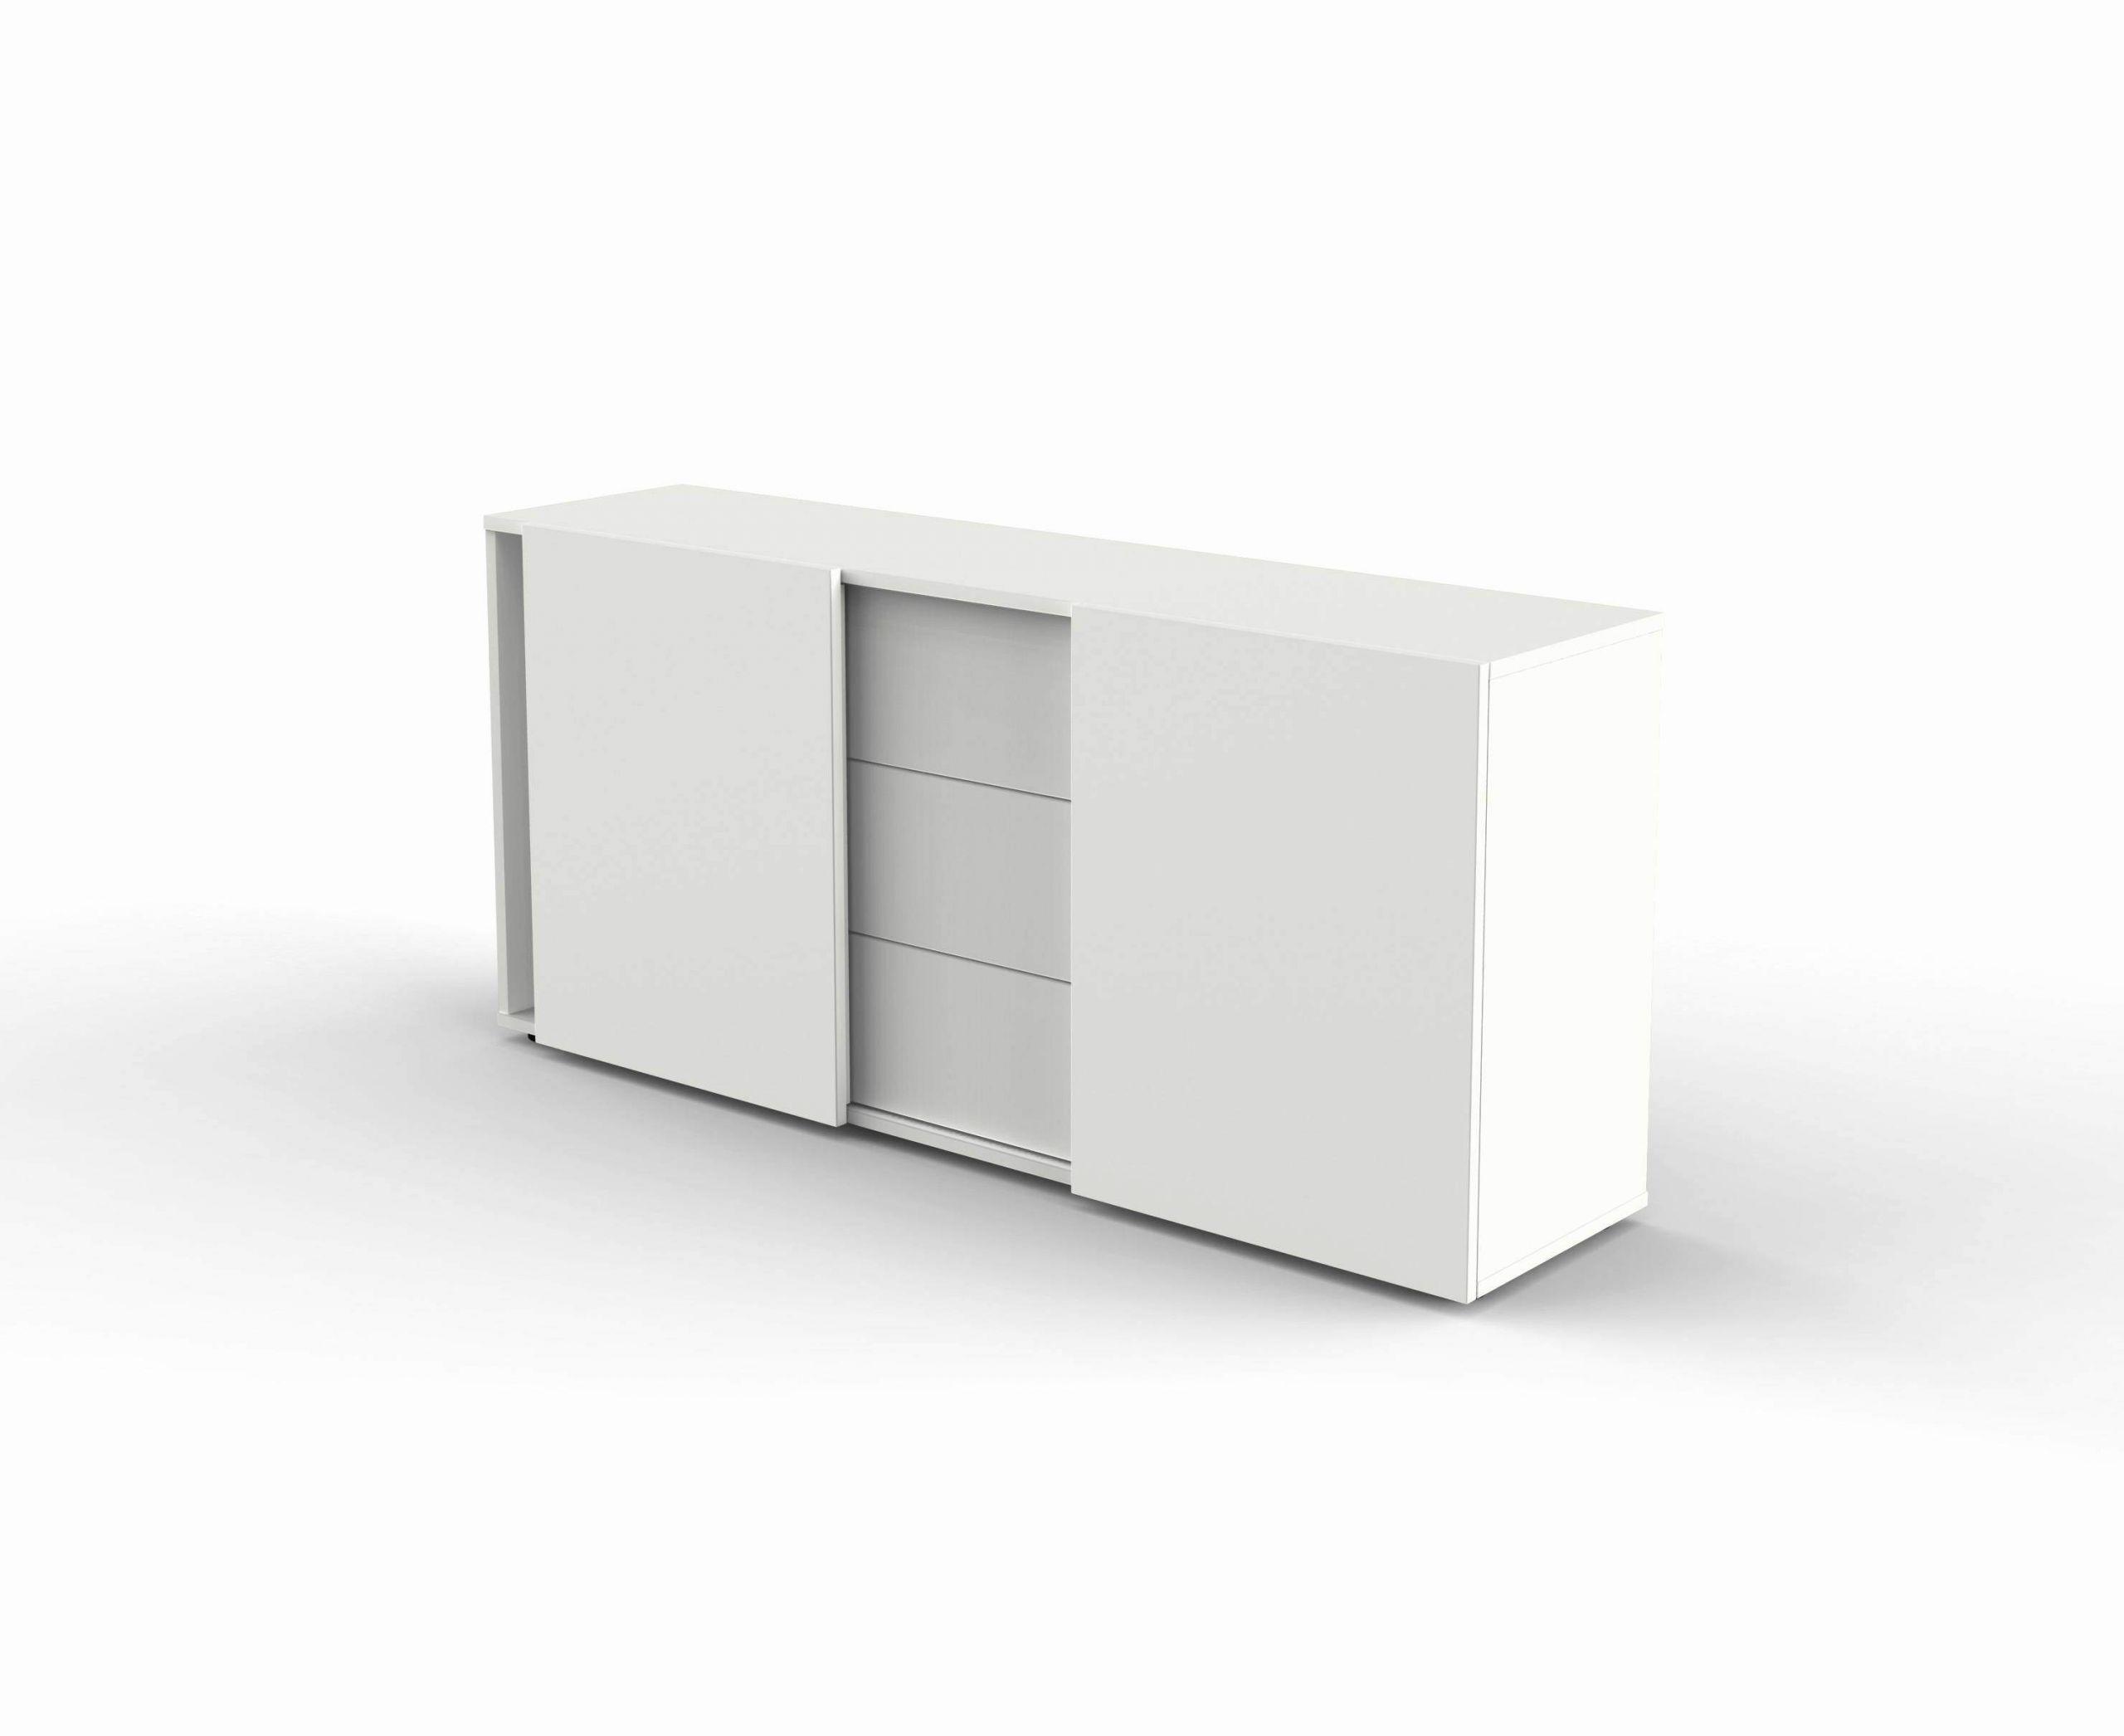 wohnzimmer sideboard genial best wohnzimmer sideboard design inspirations of wohnzimmer sideboard